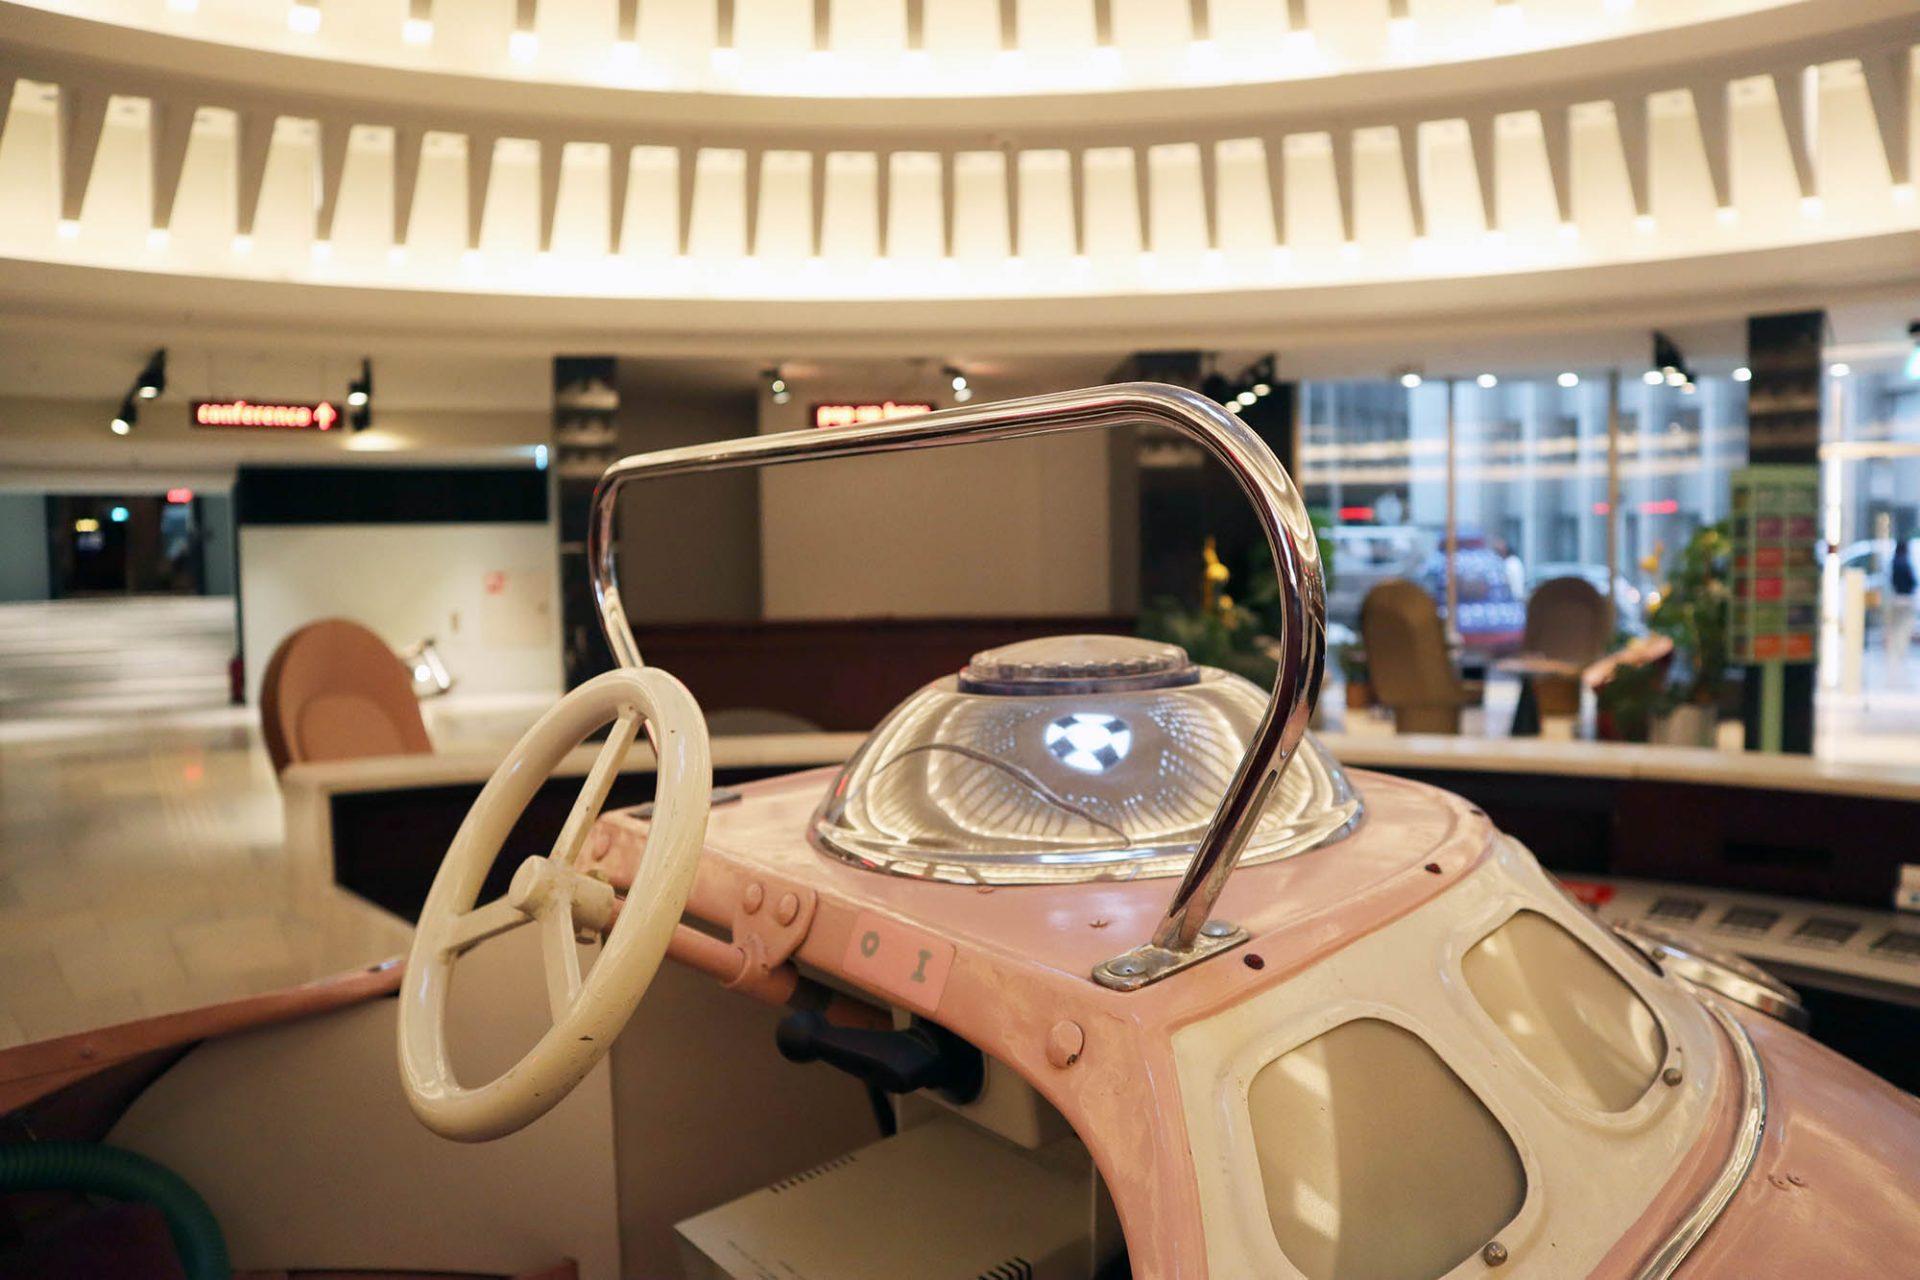 25hours Hotel The Circle. Überall finden sich historische, futuristische und spielerische Zitate technischer Utopien als Verweis auf die legendäre Zeit des deutschen Wirtschaftswunders der 1950er- und 1960er-Jahre.